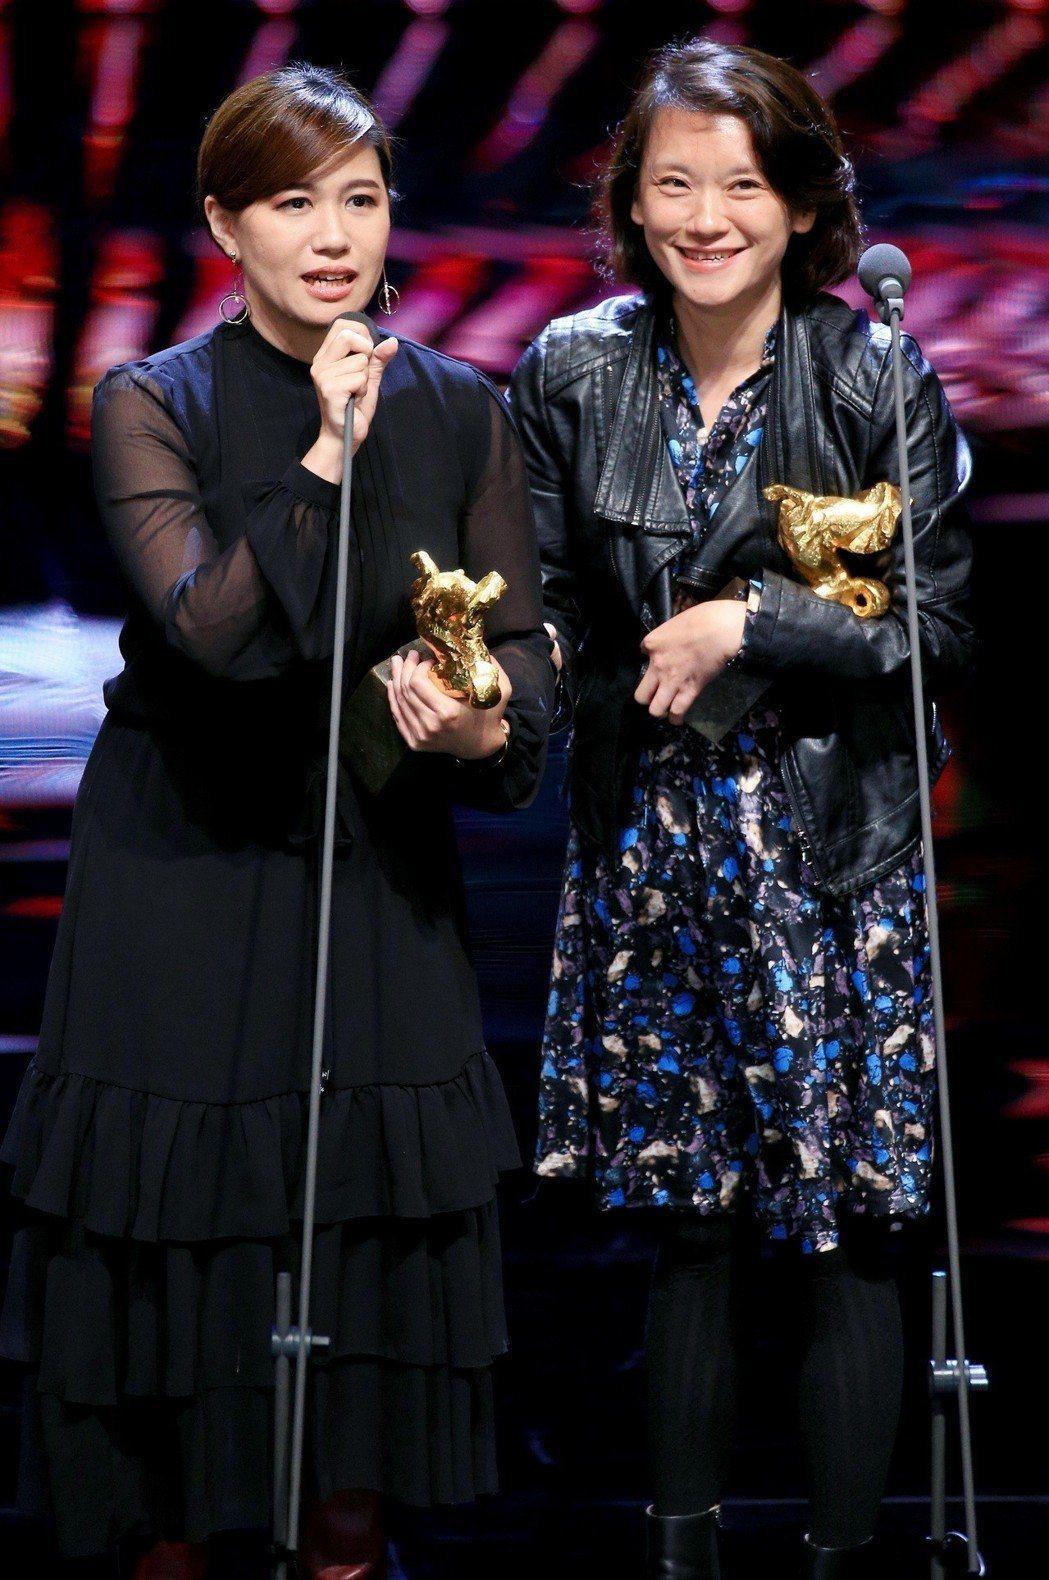 拿下第55屆金馬獎最佳記錄片獎,導演傅榆(左)的得獎感言惹議。 記者林伯東/攝影